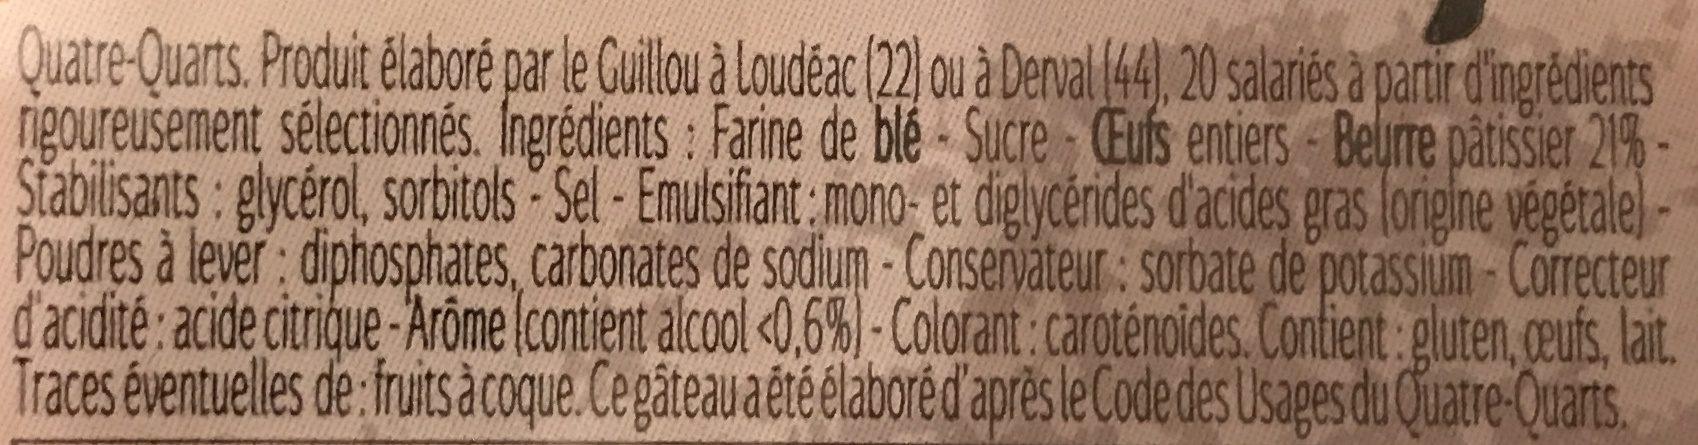 Quatre Quarts Pur Beurre Long - Ingrédients - fr